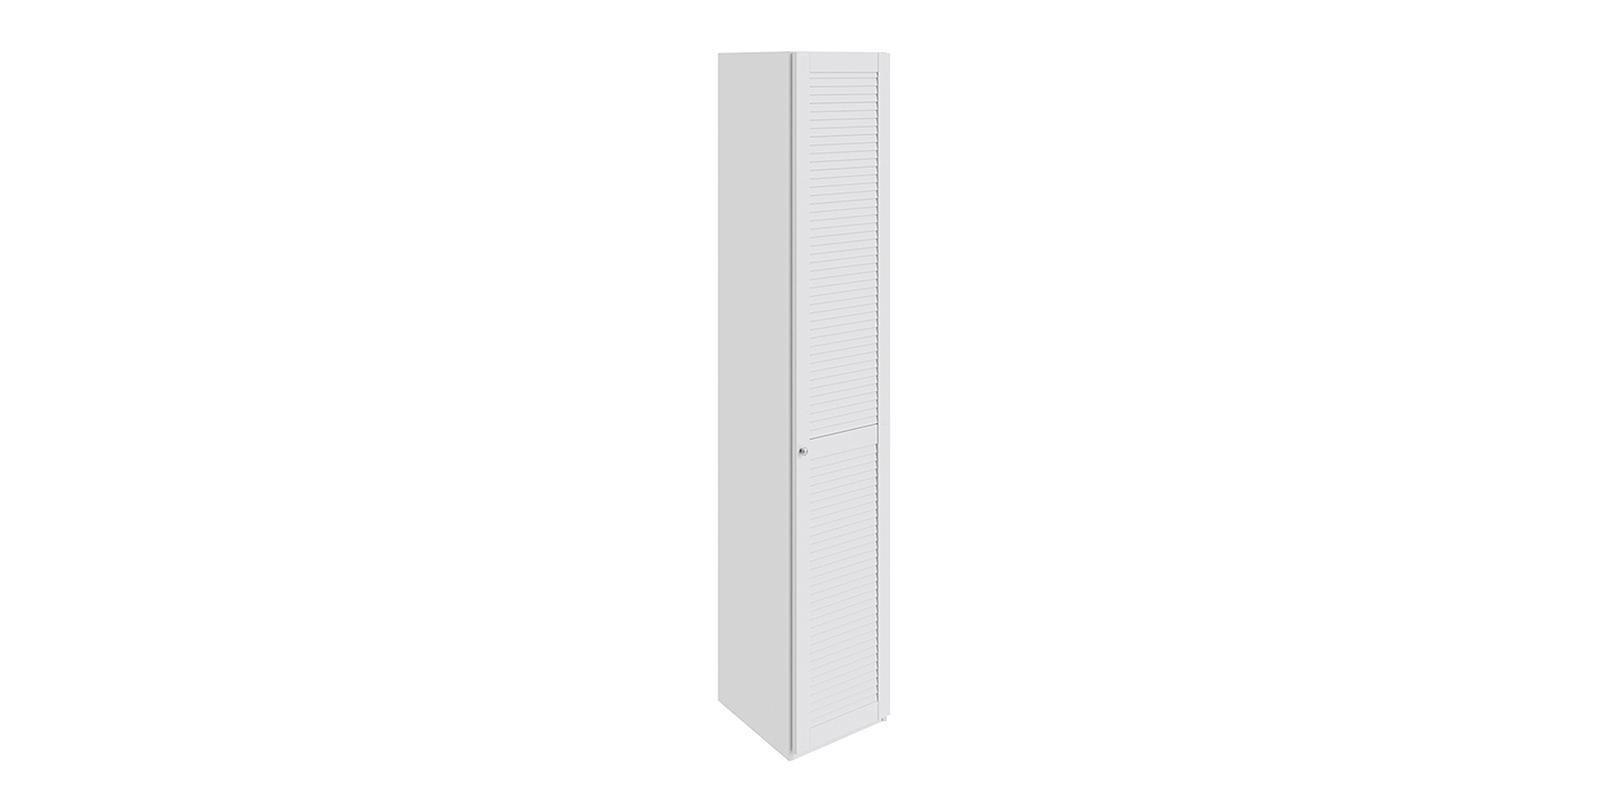 Шкаф распашной однодверный Мерида правый вариант №5 торцевой (белый) Мерида